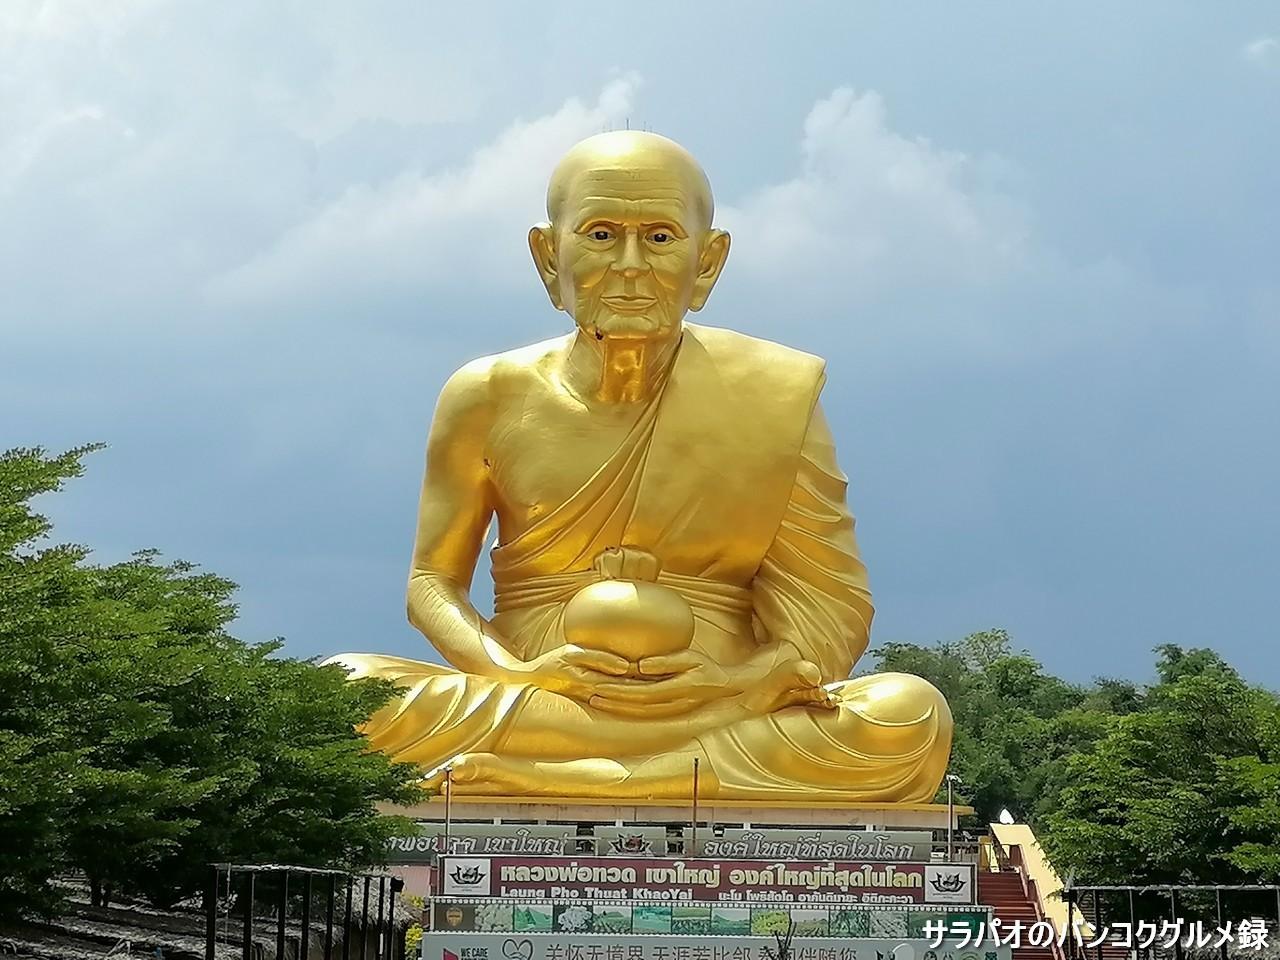 トゥアト僧侶公園の黄金に輝く巨像は迫力満点! in カオヤイ